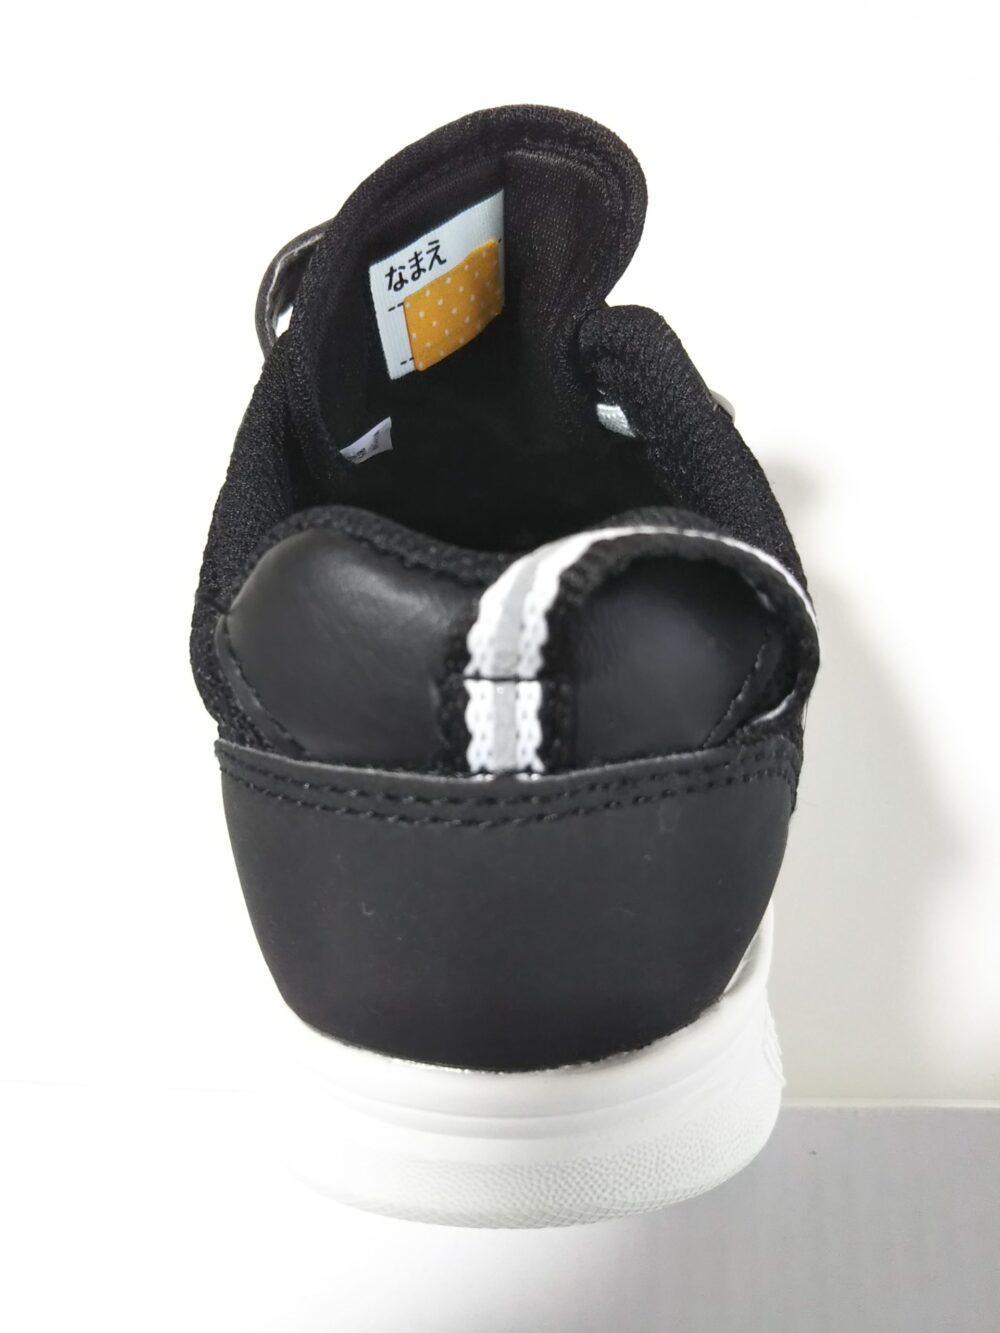 名前シール「タグペタラベル」を貼った靴